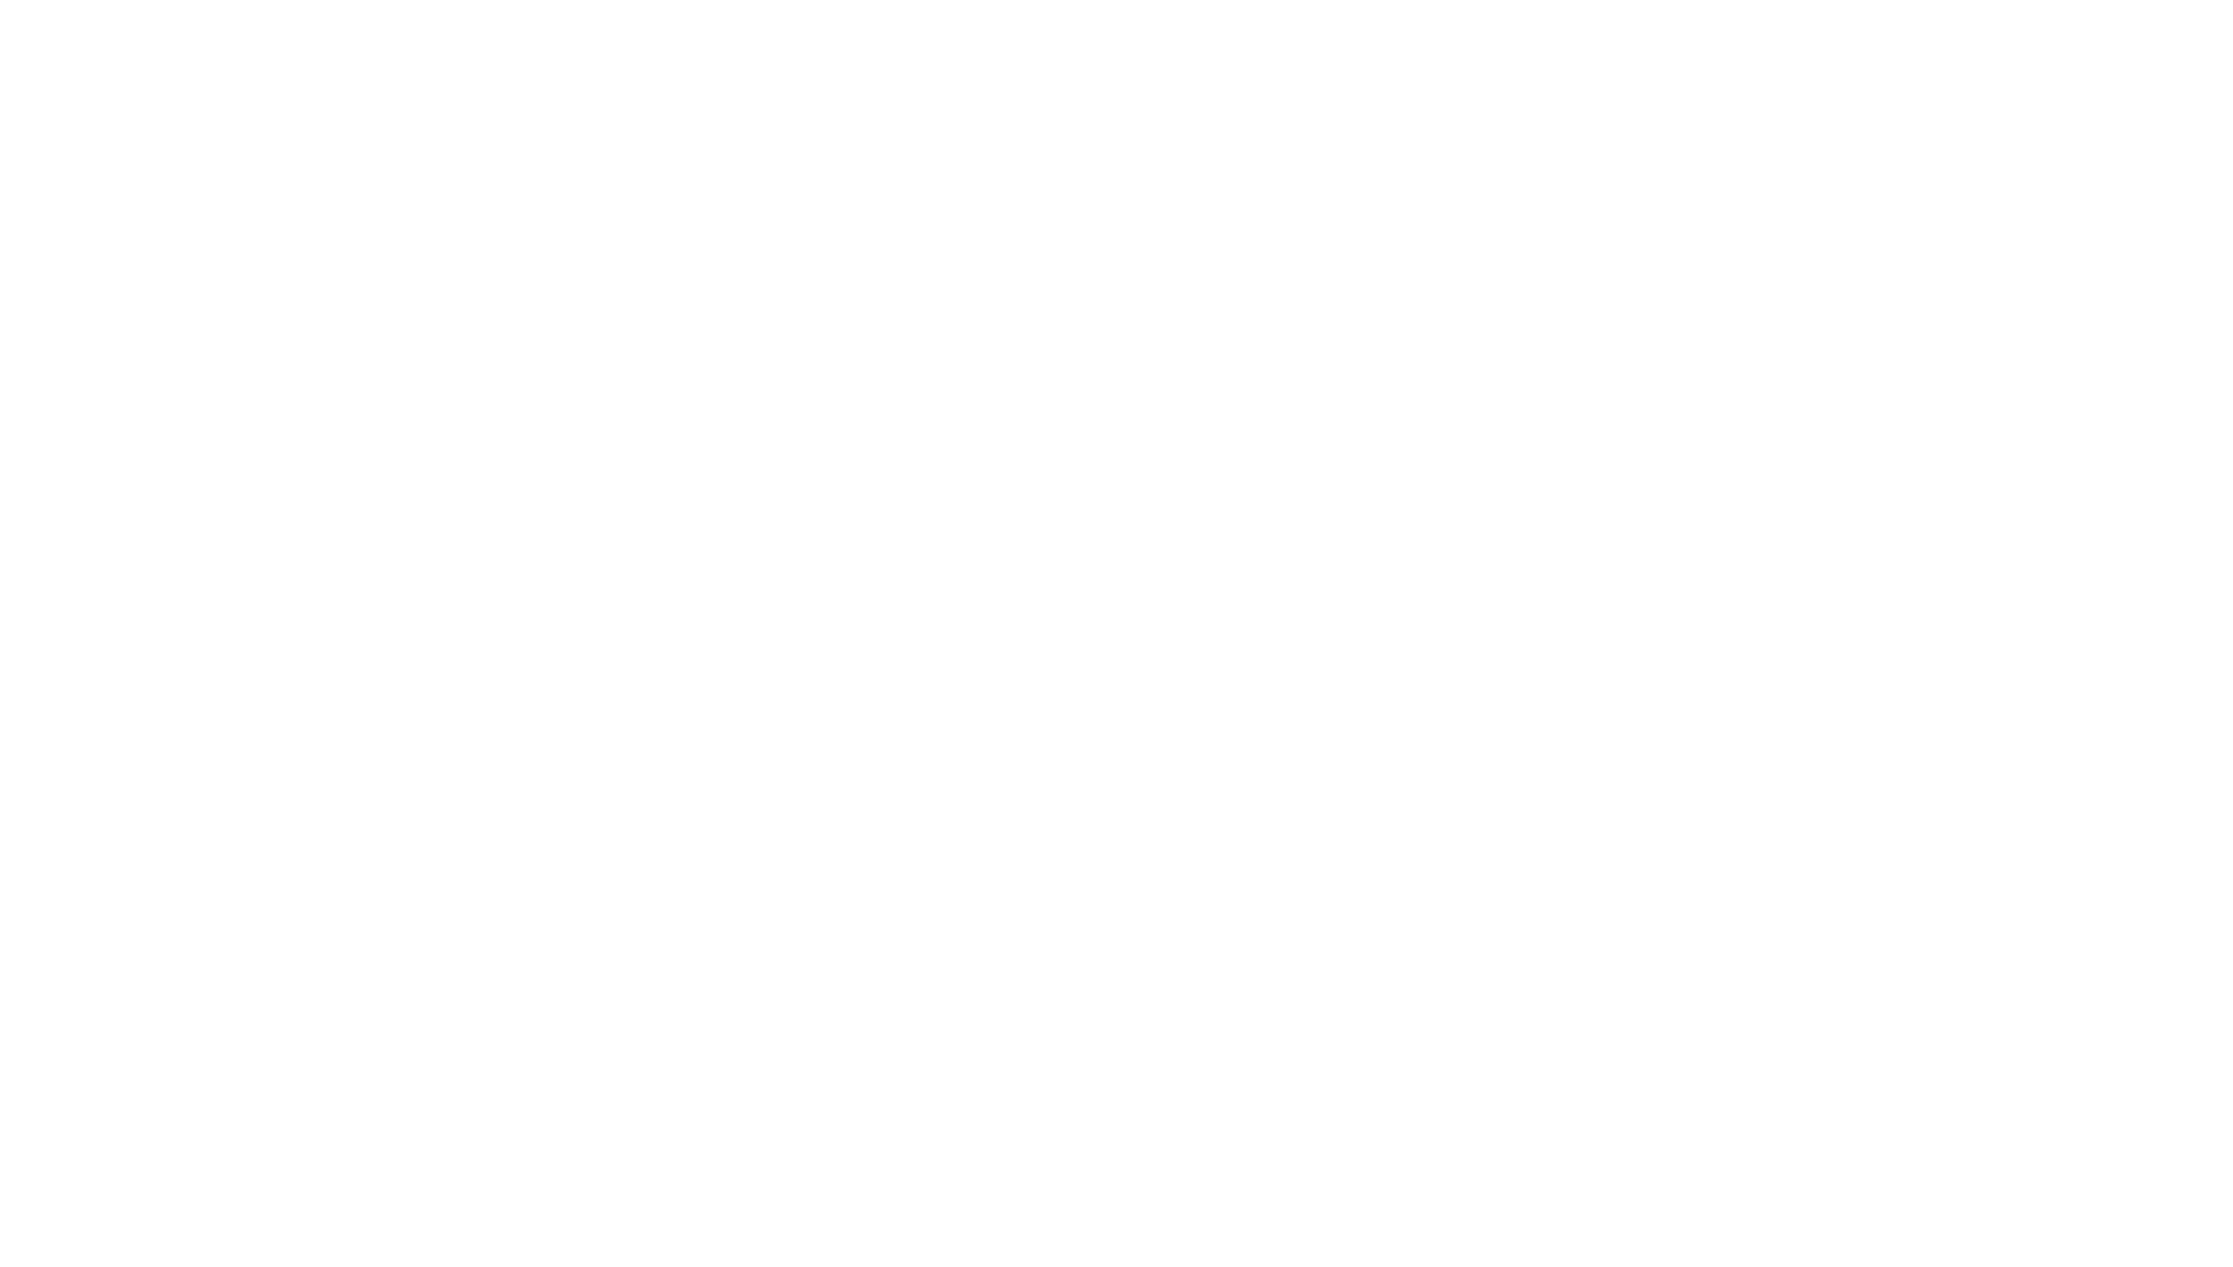 illFX_Entertainment_White_Logo-01.png